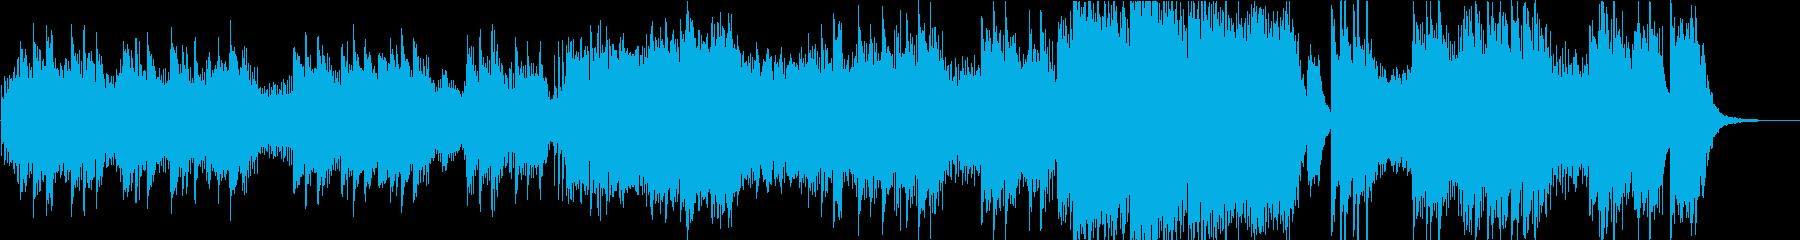 ピアノ曲を神秘的なシンセ音で演奏の再生済みの波形